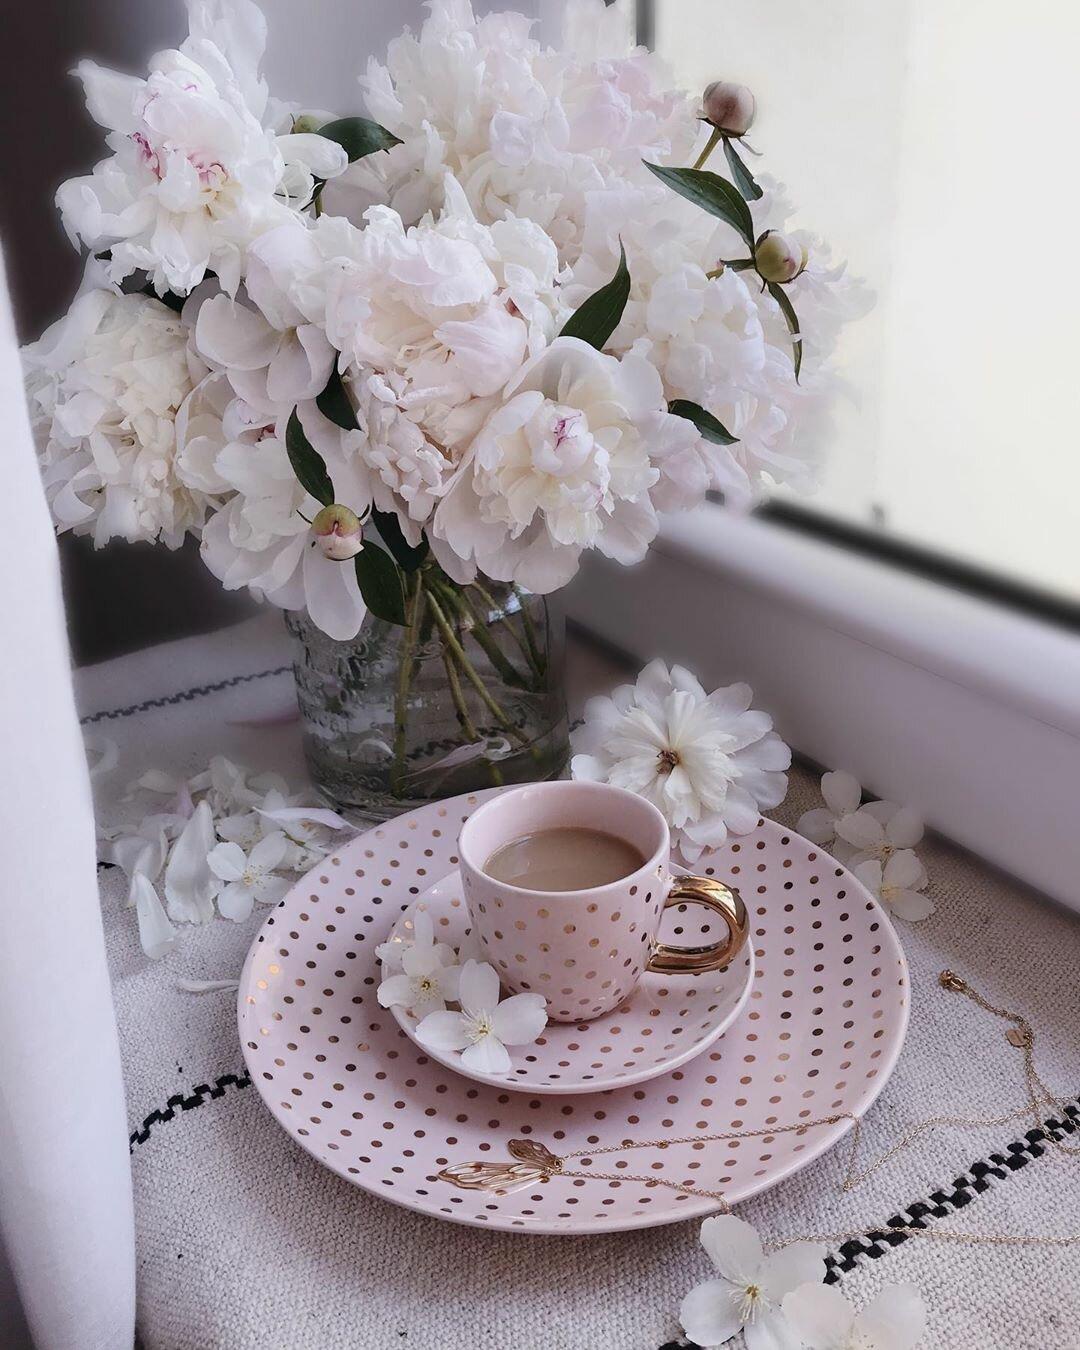 красивые картинки с кофе и цветами доброе комплектации, также фото